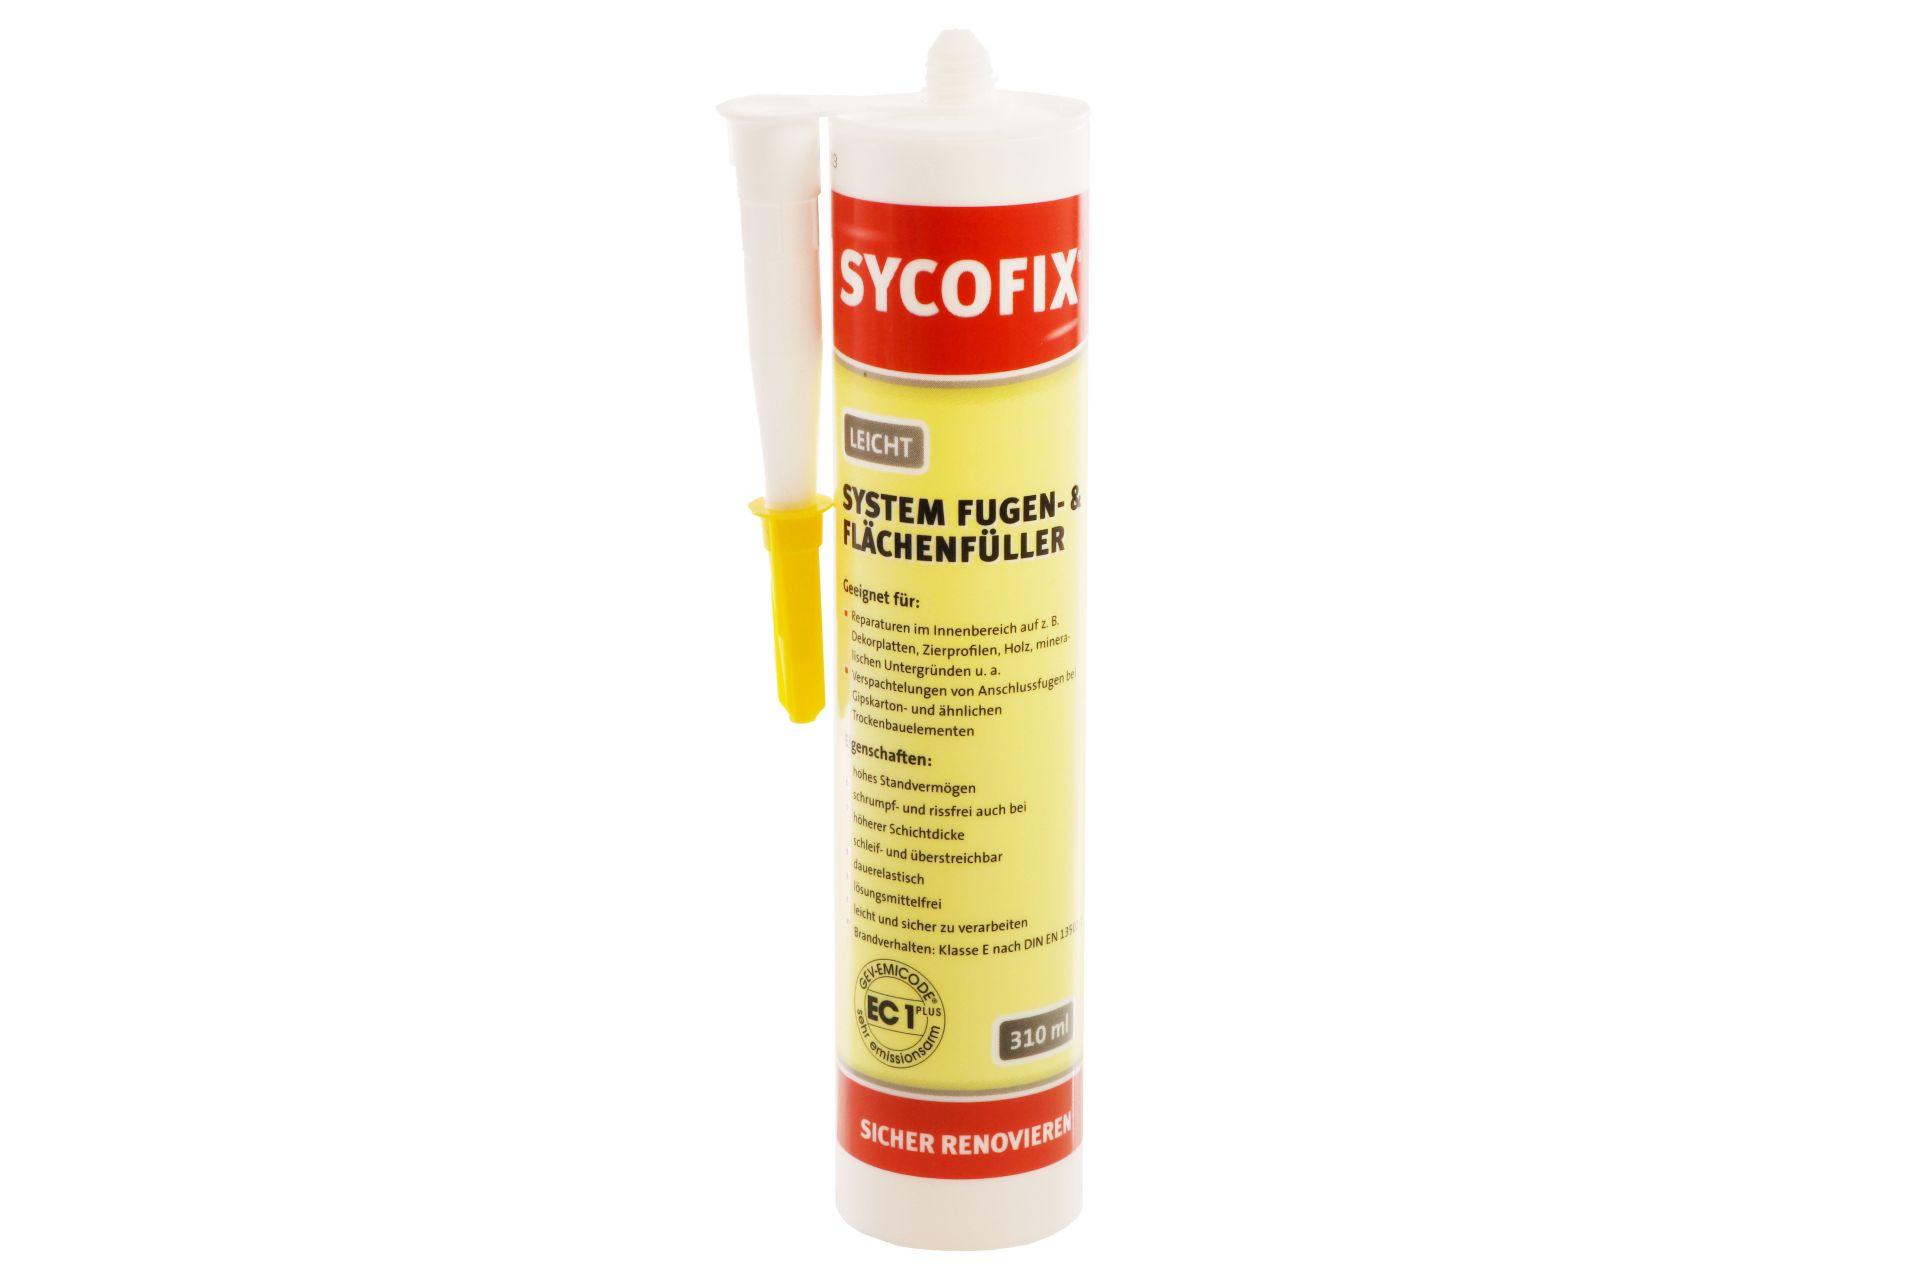 SYCOFIX System Fugen- und Flächenfüller, 310 ml